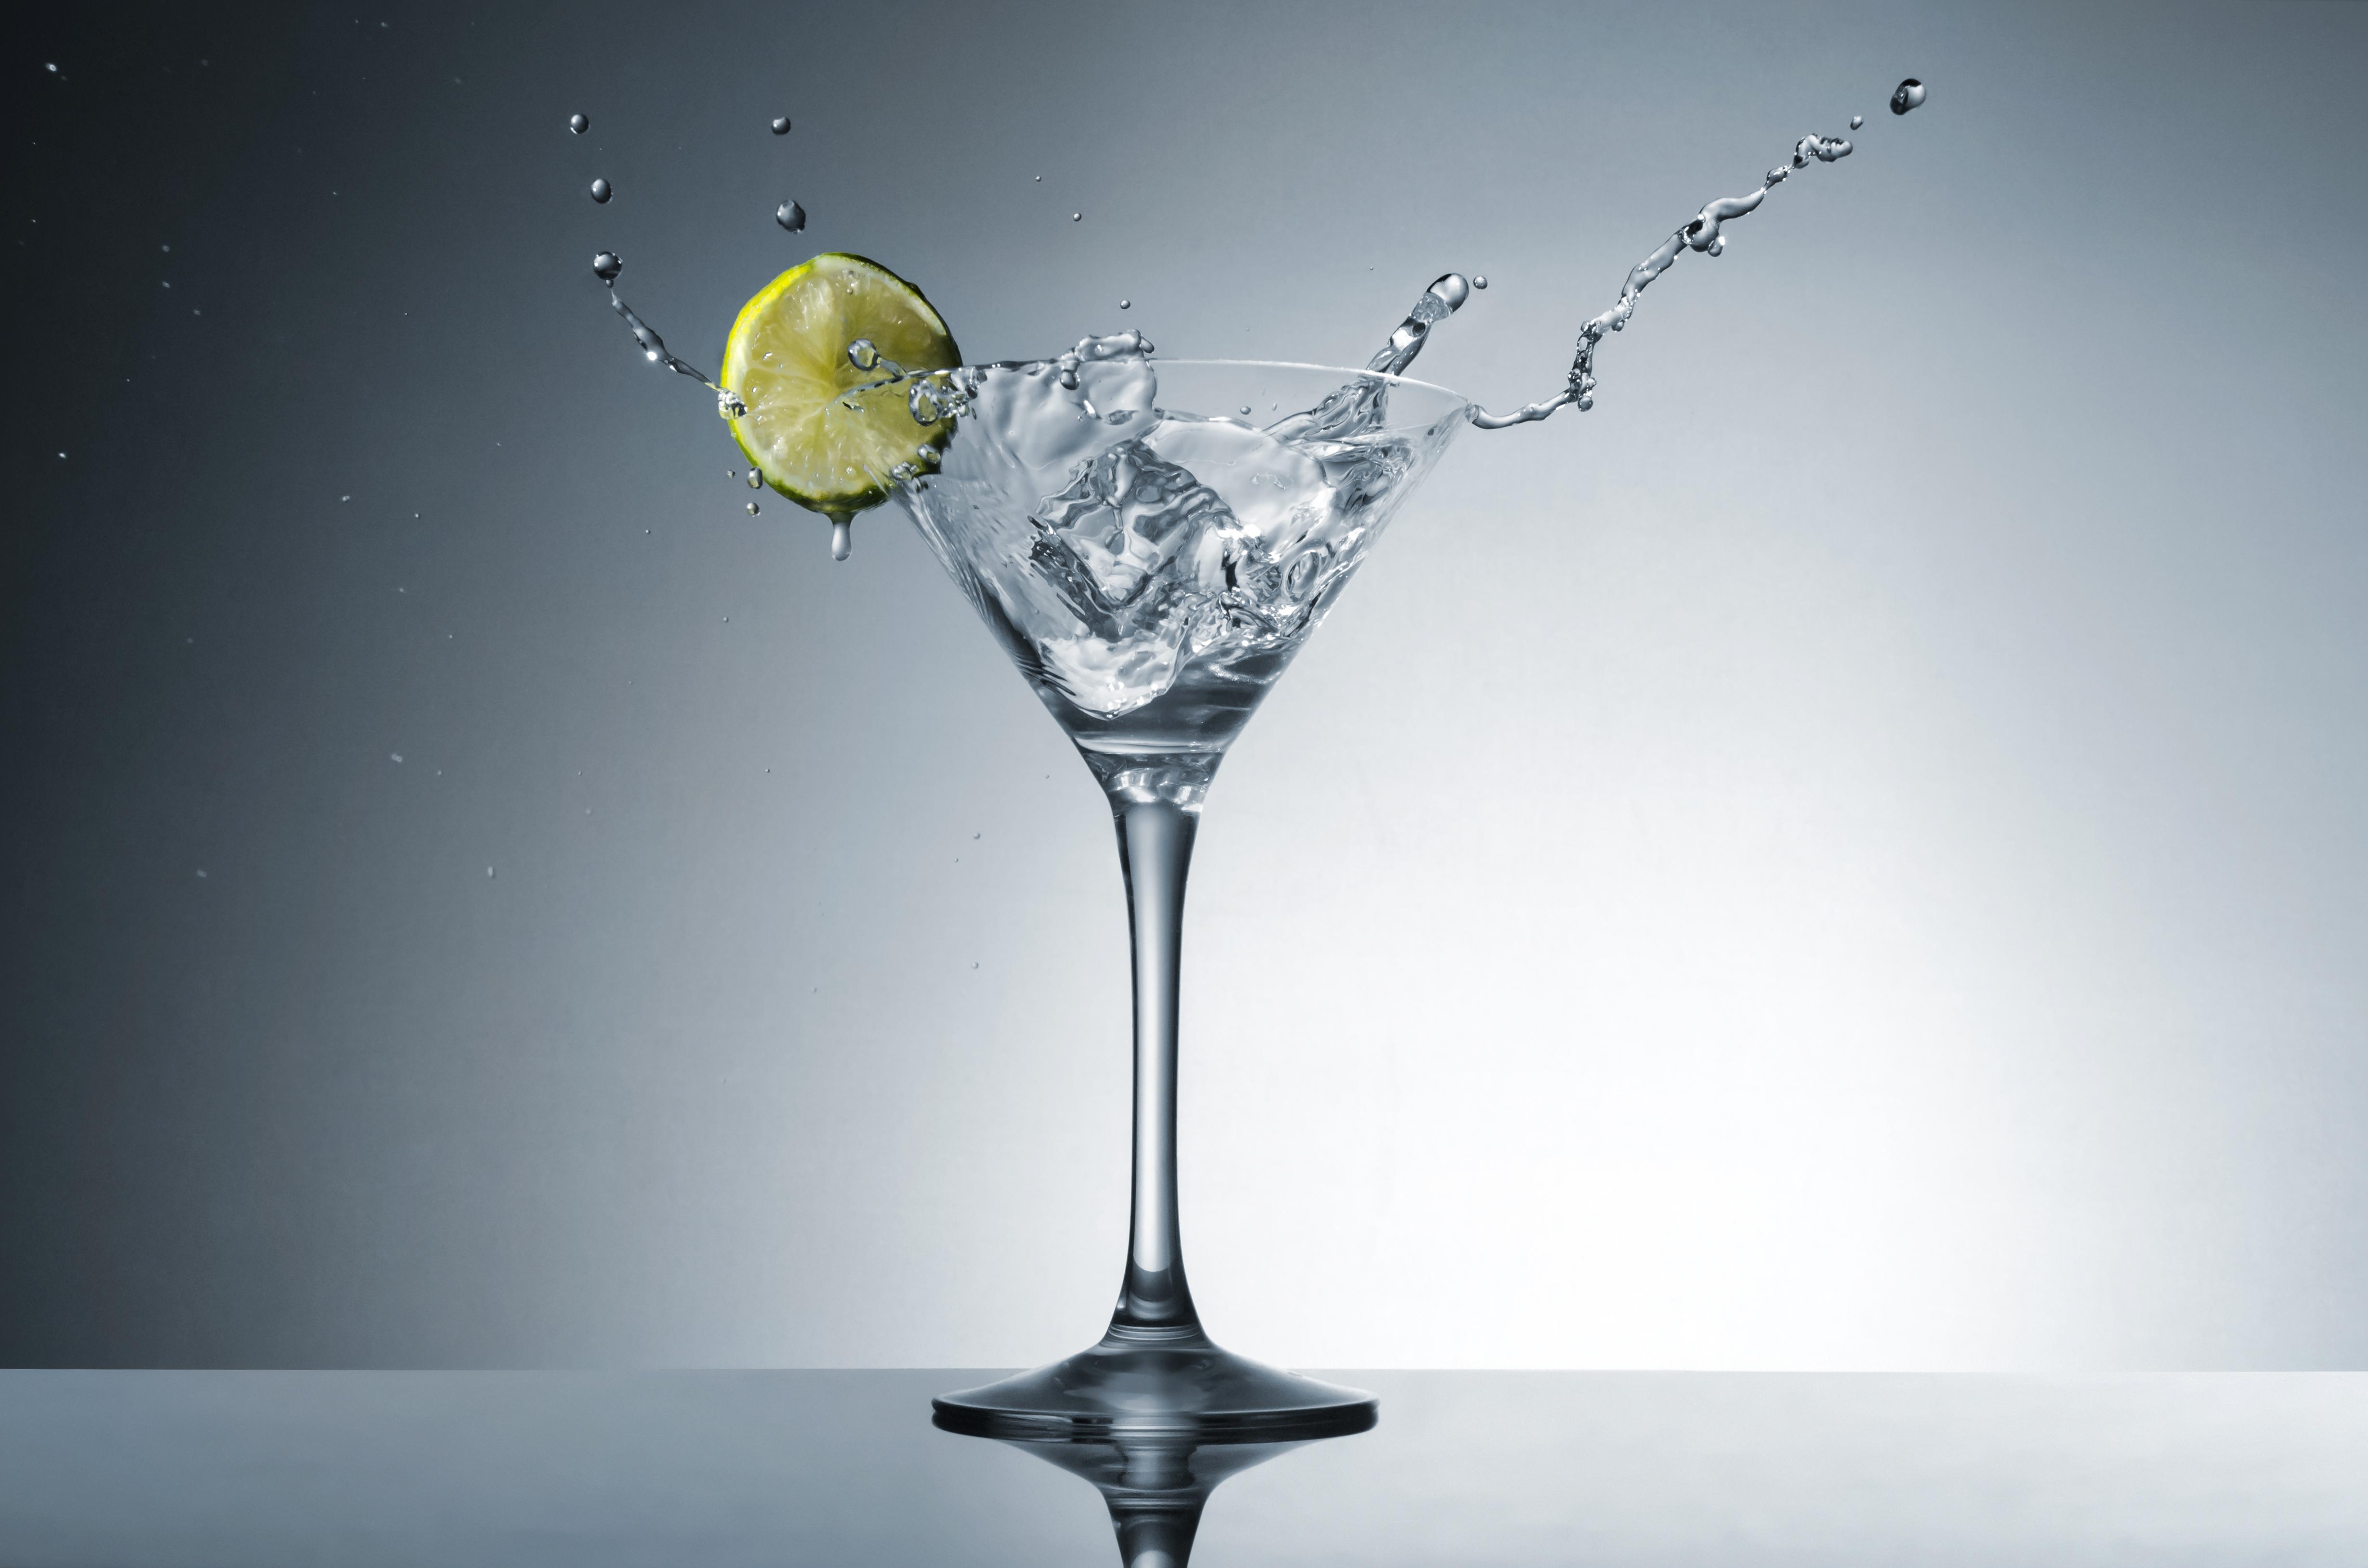 Фотография съемка жидкость